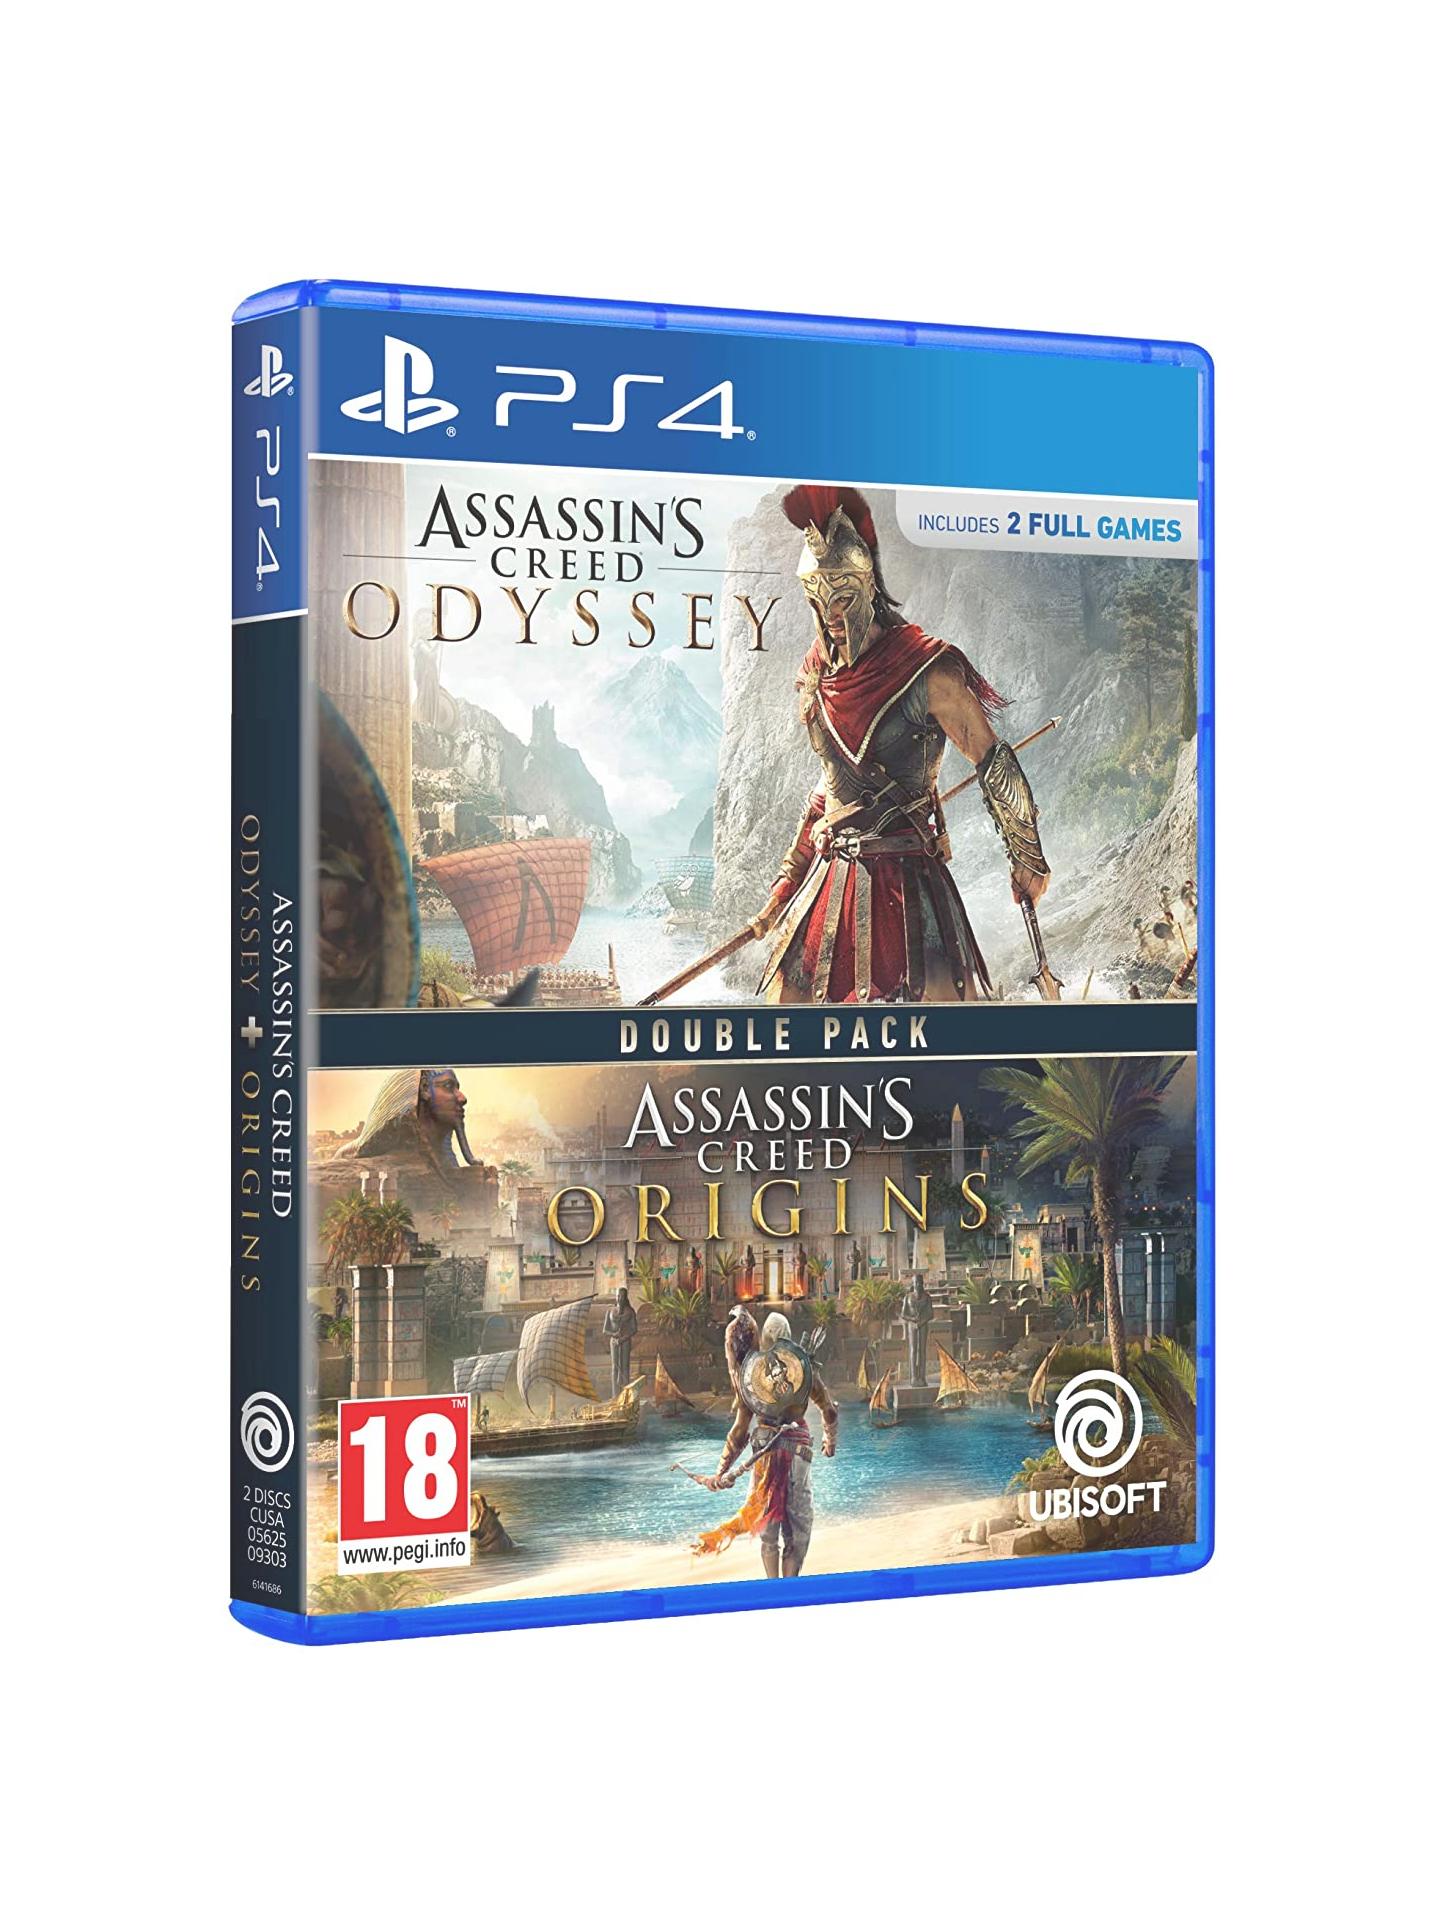 Assassins Creed Origins + Odyssey (Físico)